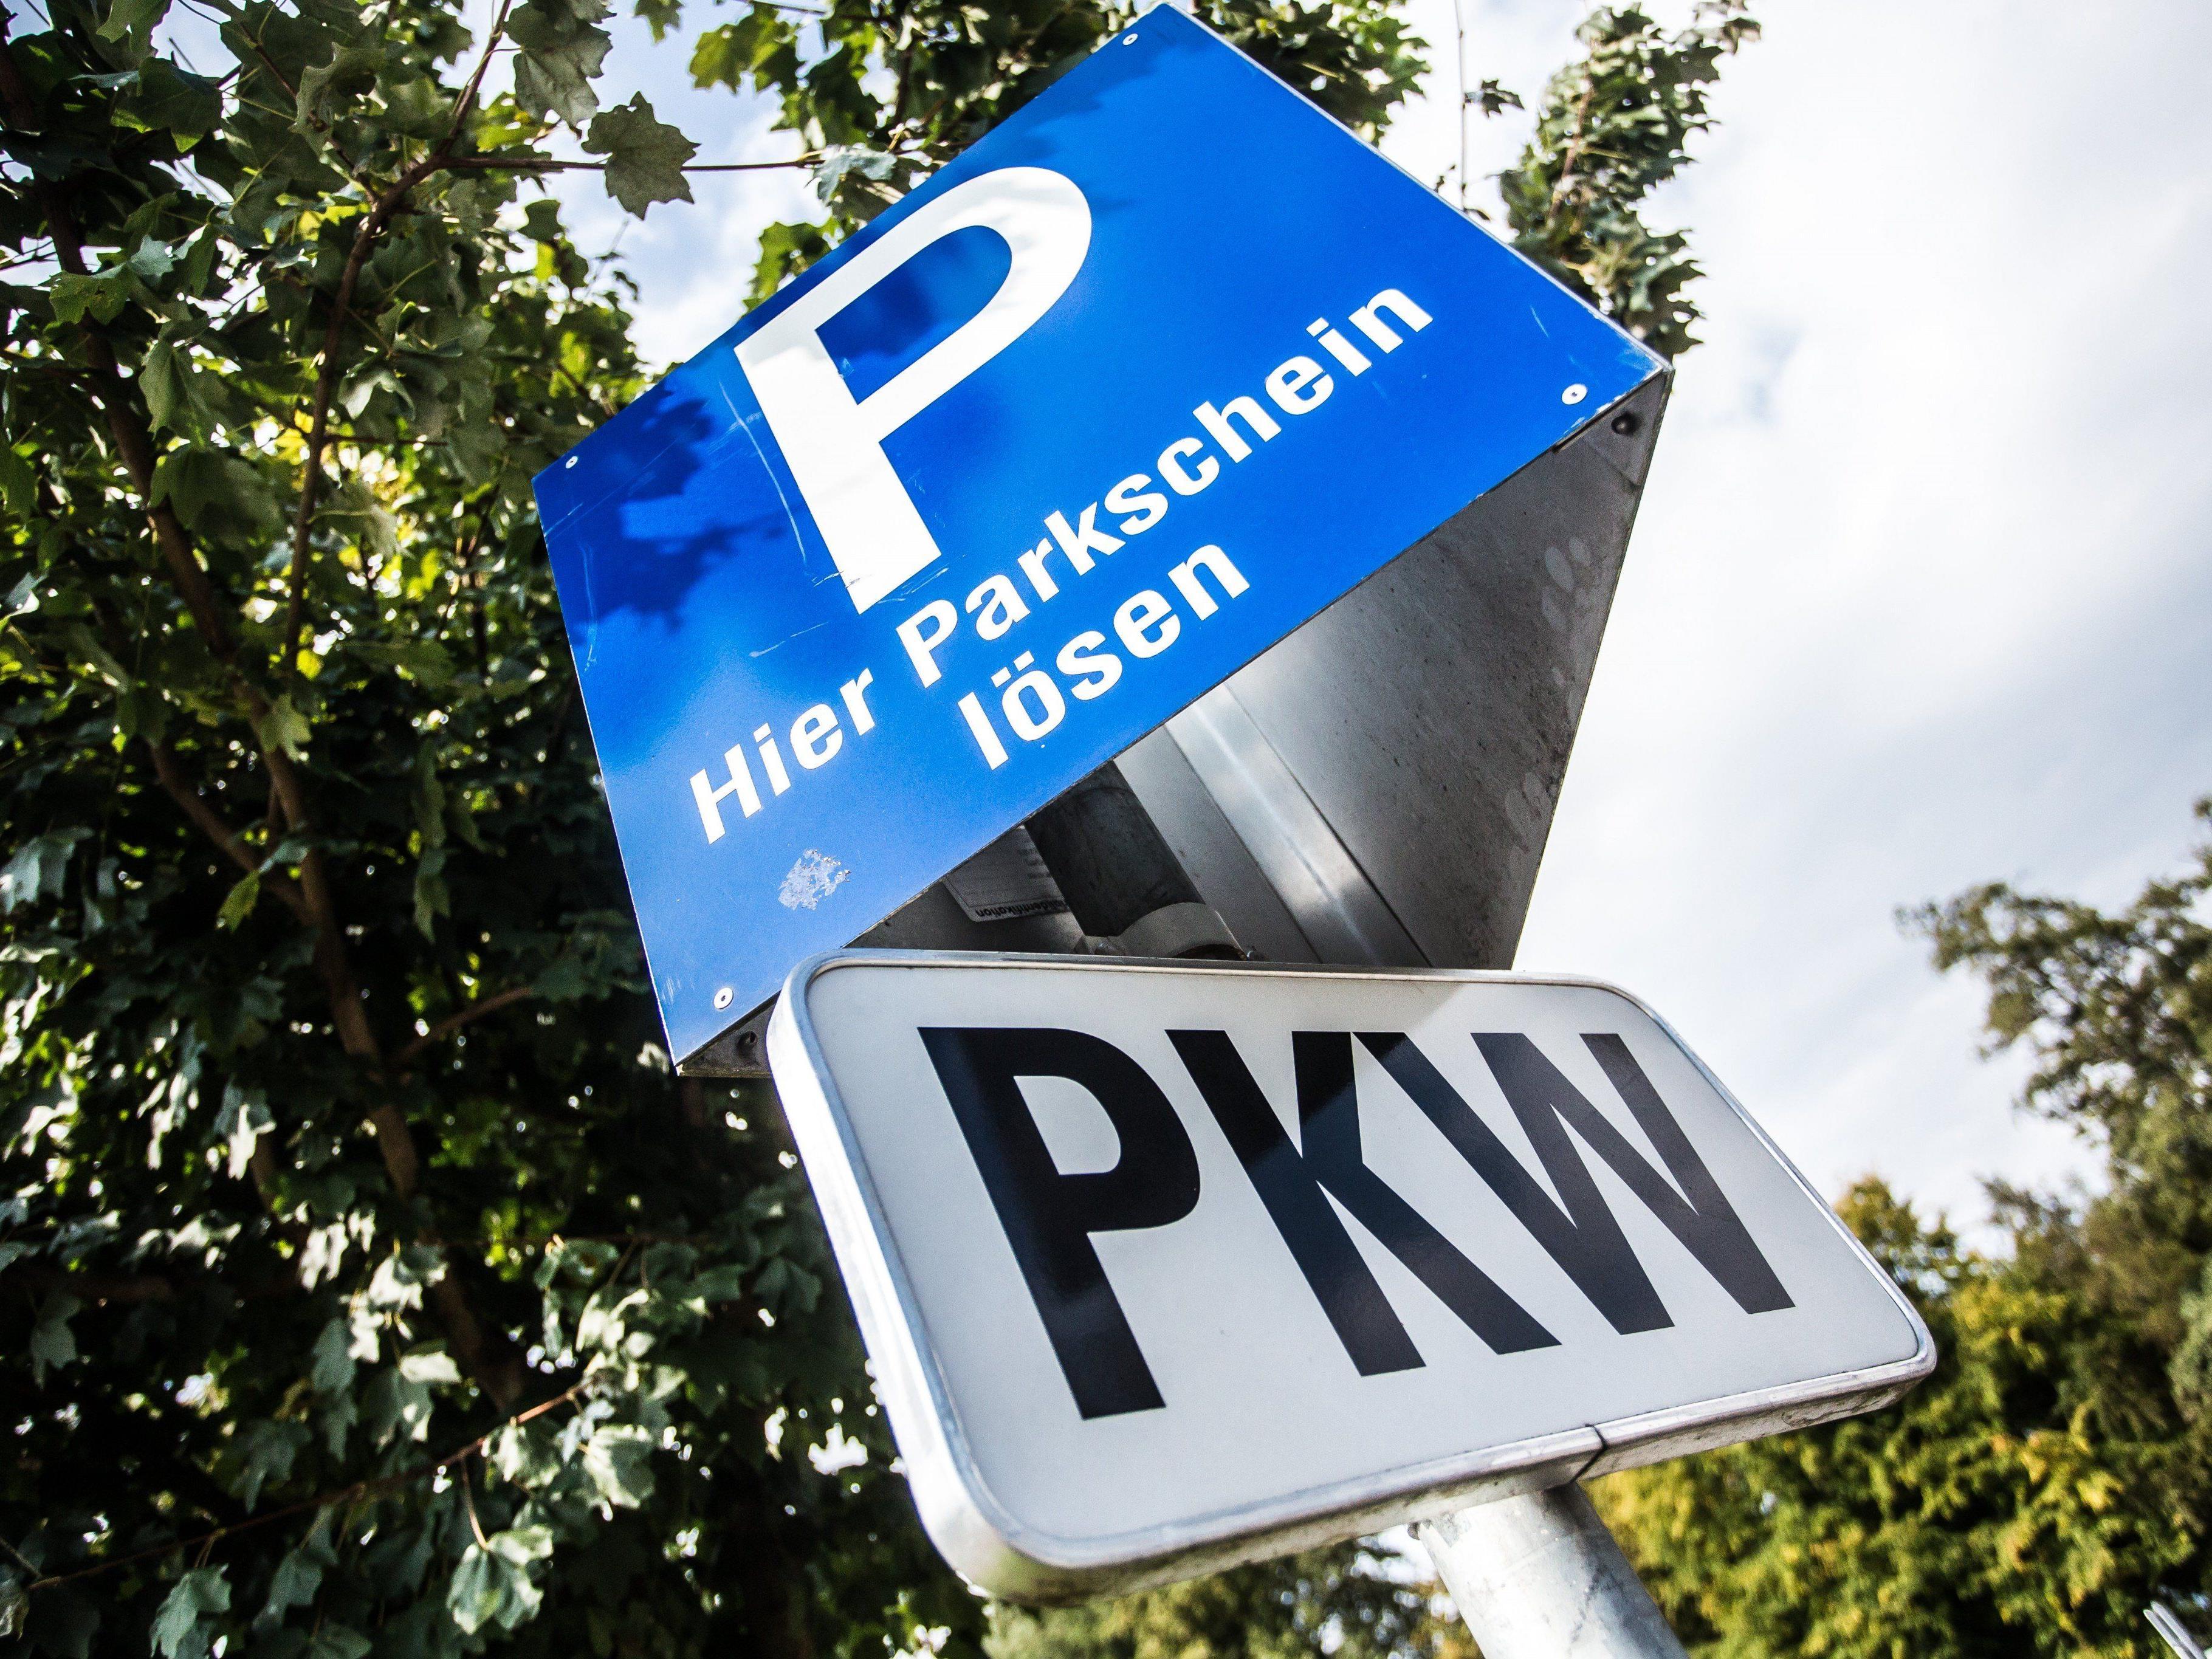 Die Parkplatzsuche kann schon mal zur Geduldsprobe werden.